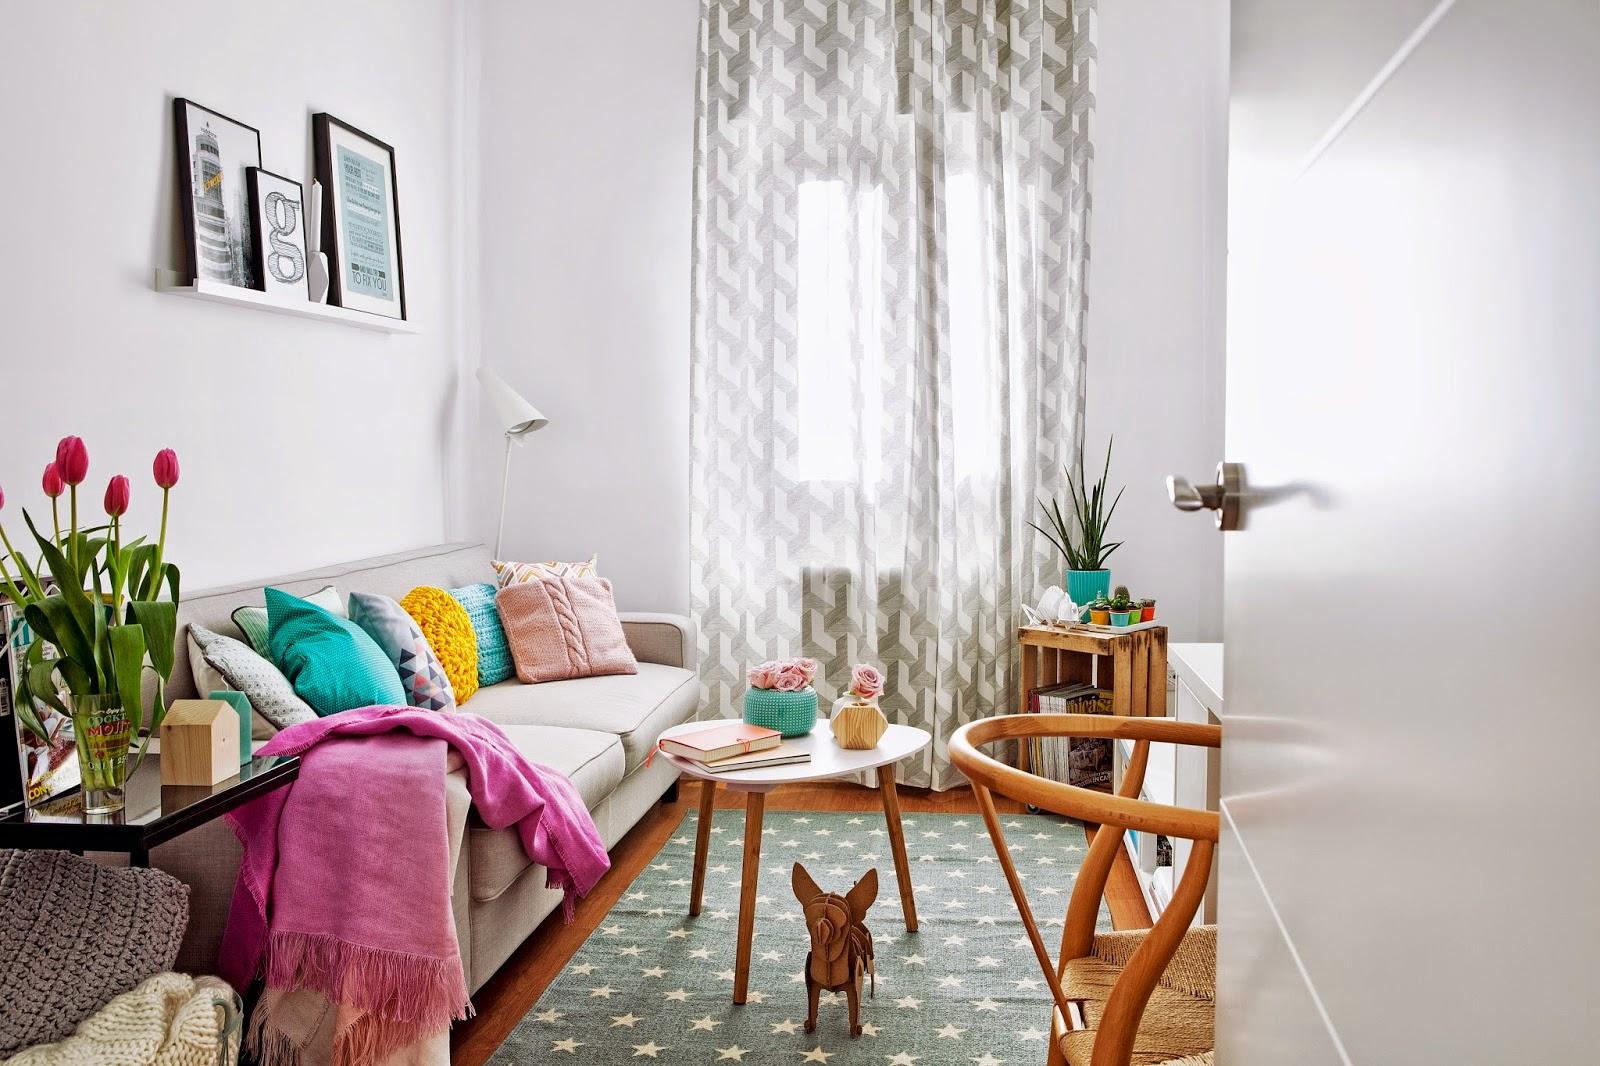 Asesórate y aprovecha recomendaciones antes de iniciar a decorar y reformar tu casa